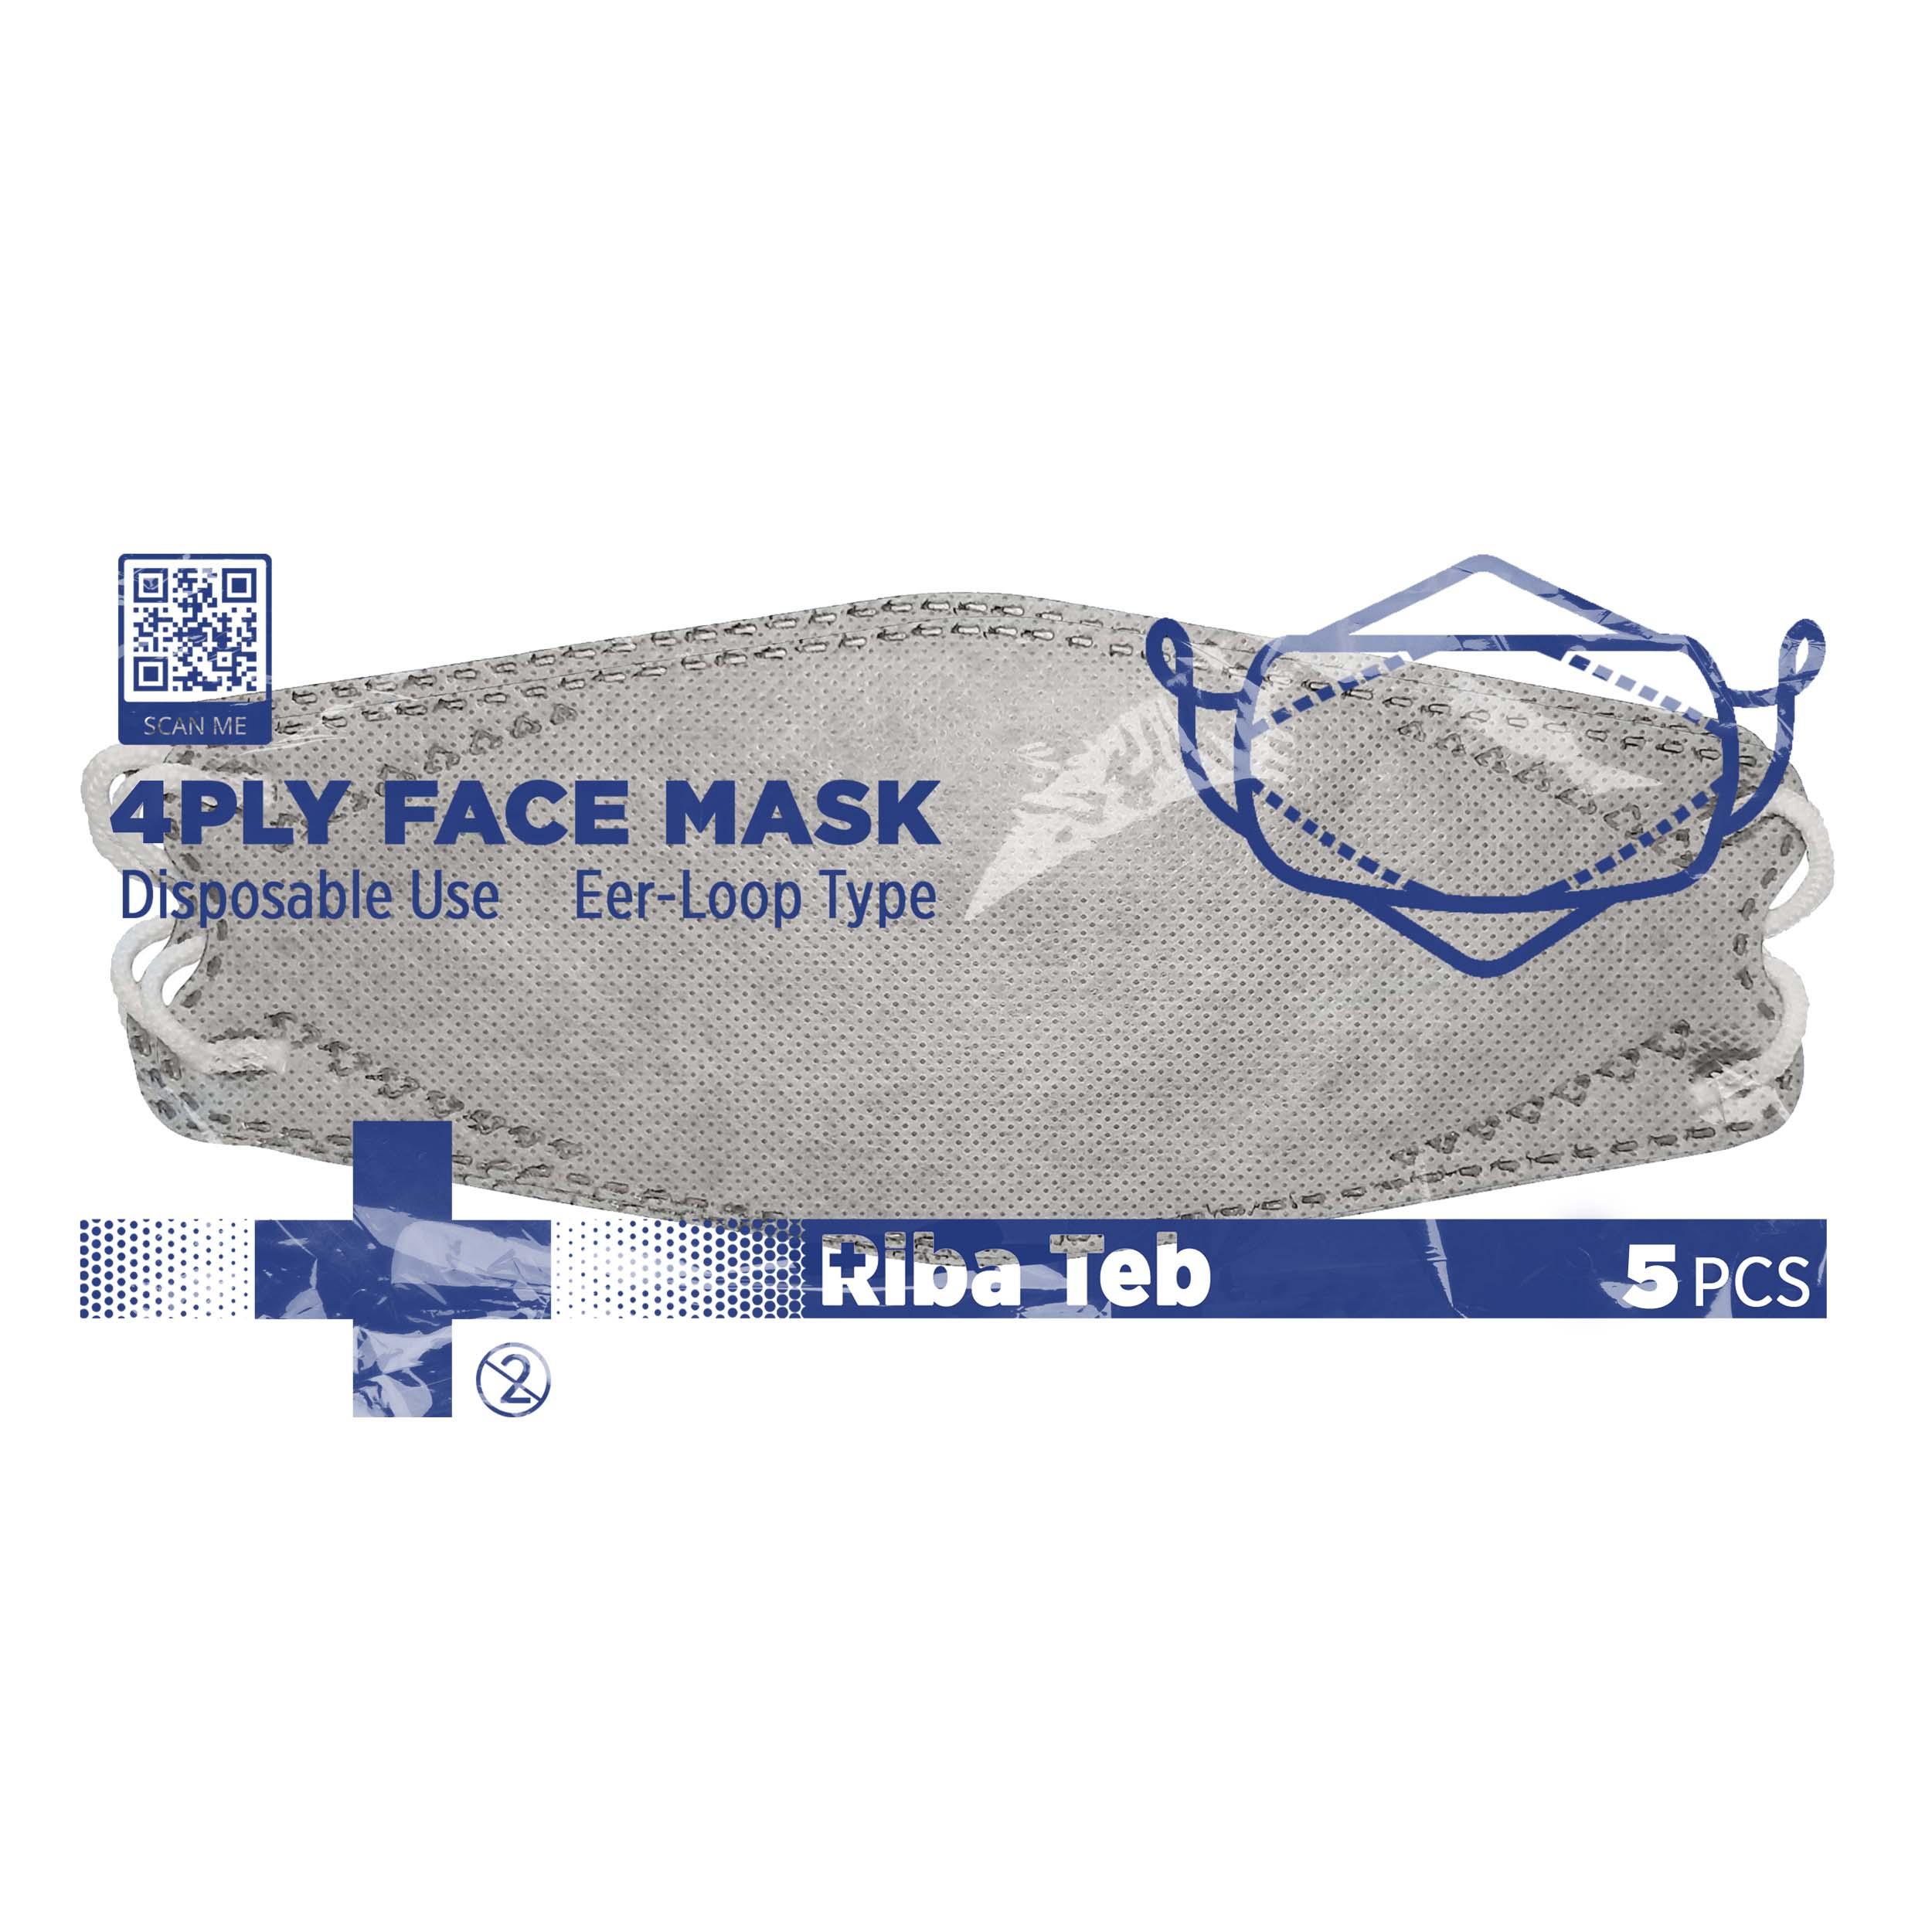 ماسک تنفسی ریباطب مدل کوانتوم کد1 بسته 5 عددی